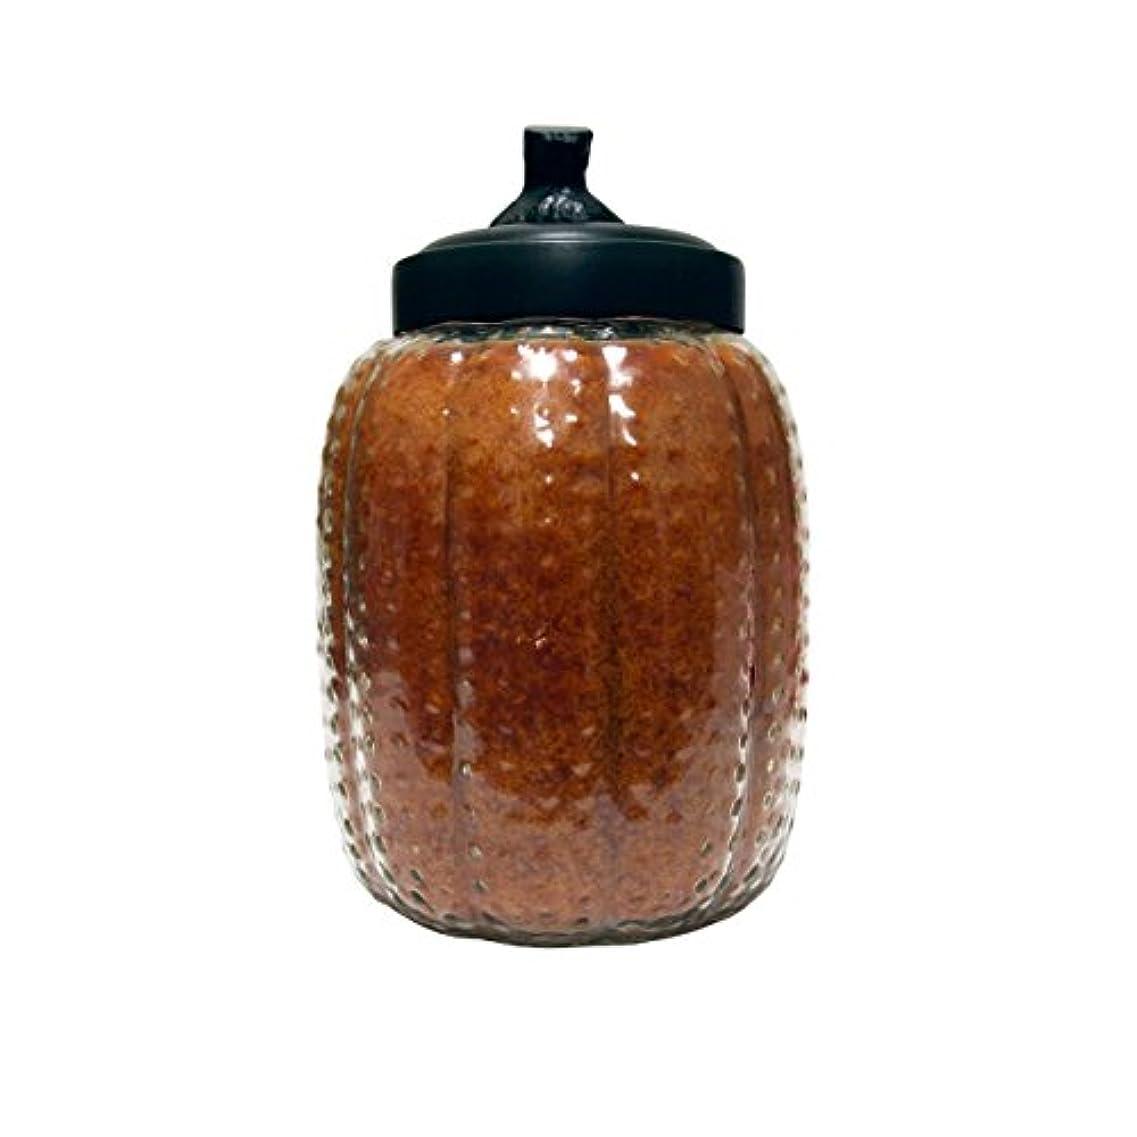 呼吸ビタミン不快A Cheerful Giver Autumn Orchards Pumpkin Jar Candle, 26-Ounce by Cheerful Giver [並行輸入品]